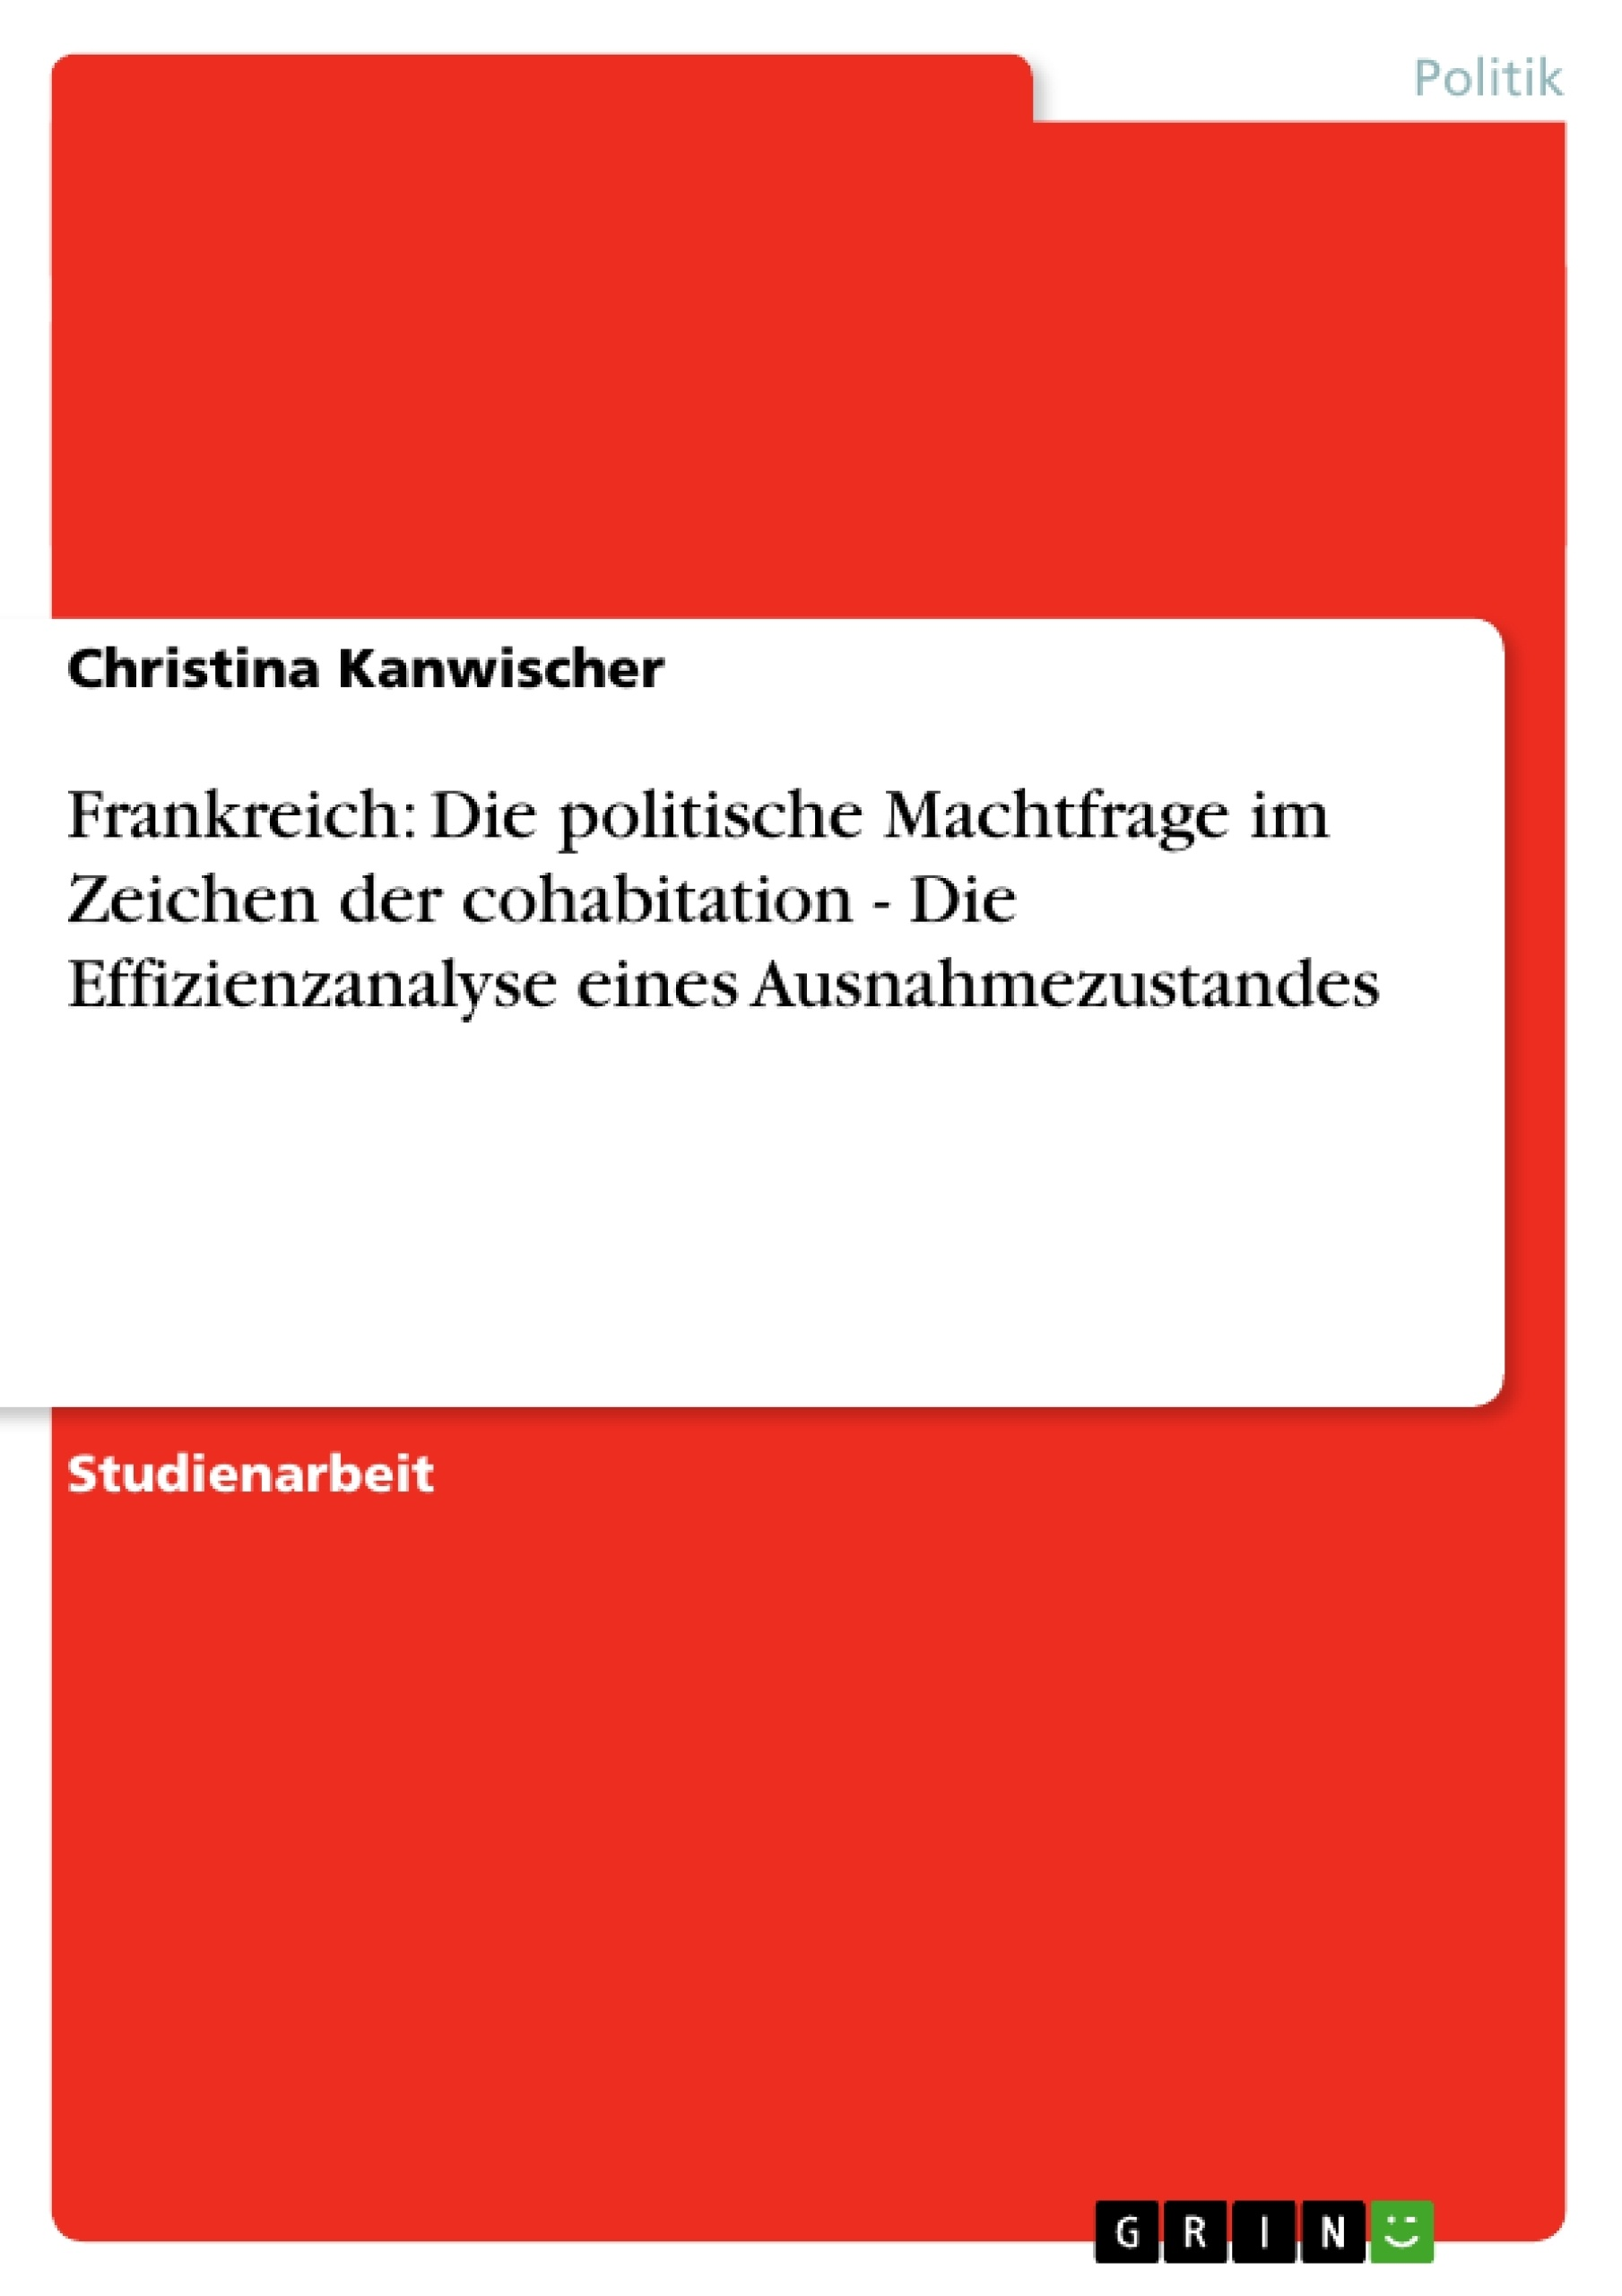 Titel: Frankreich: Die politische Machtfrage im Zeichen der cohabitation - Die Effizienzanalyse eines Ausnahmezustandes